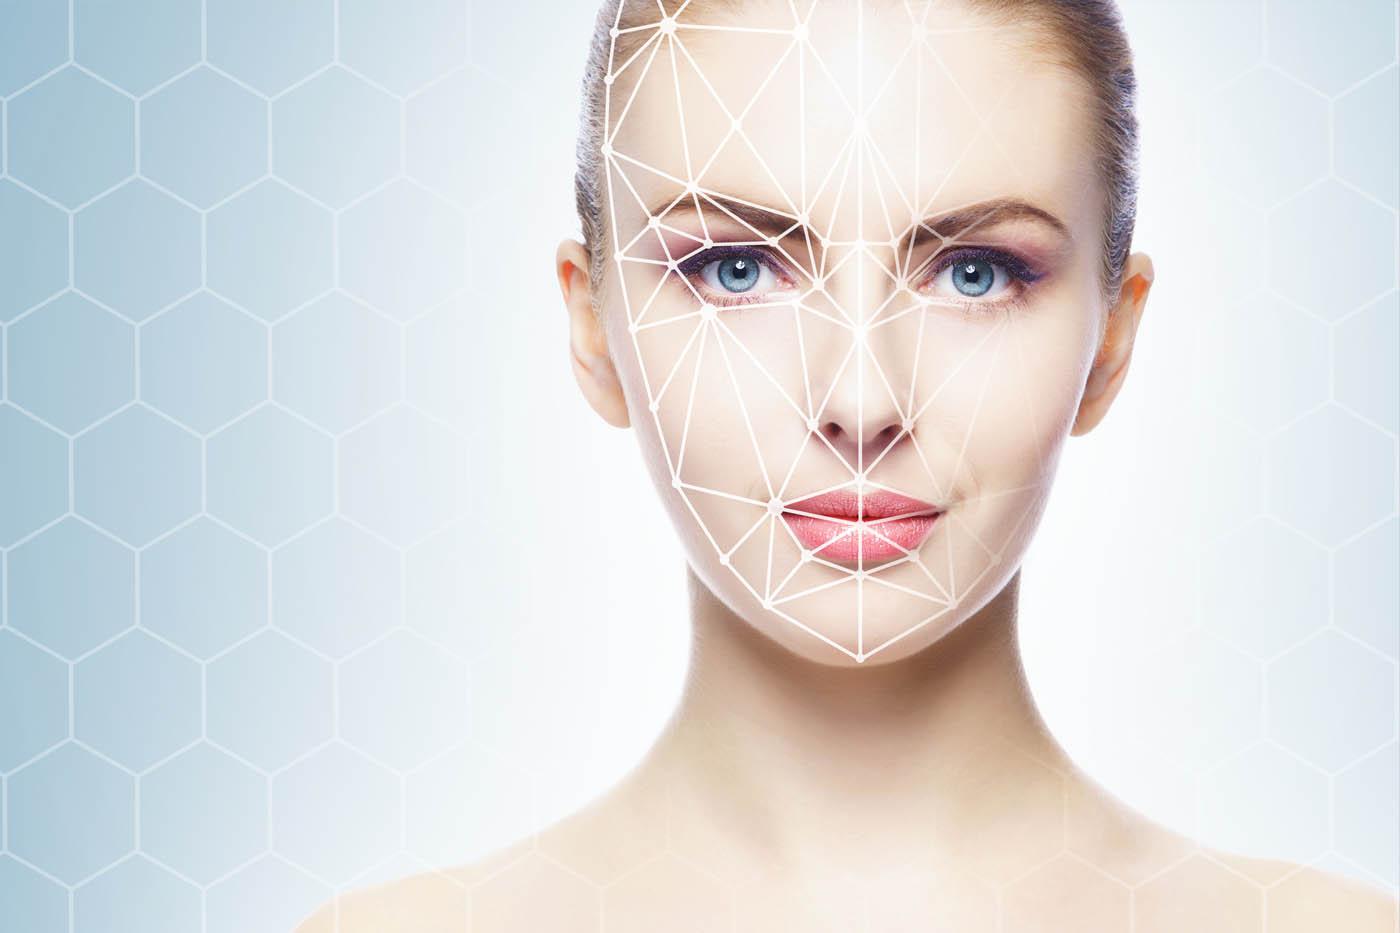 Tech-Driven Beauty Industry